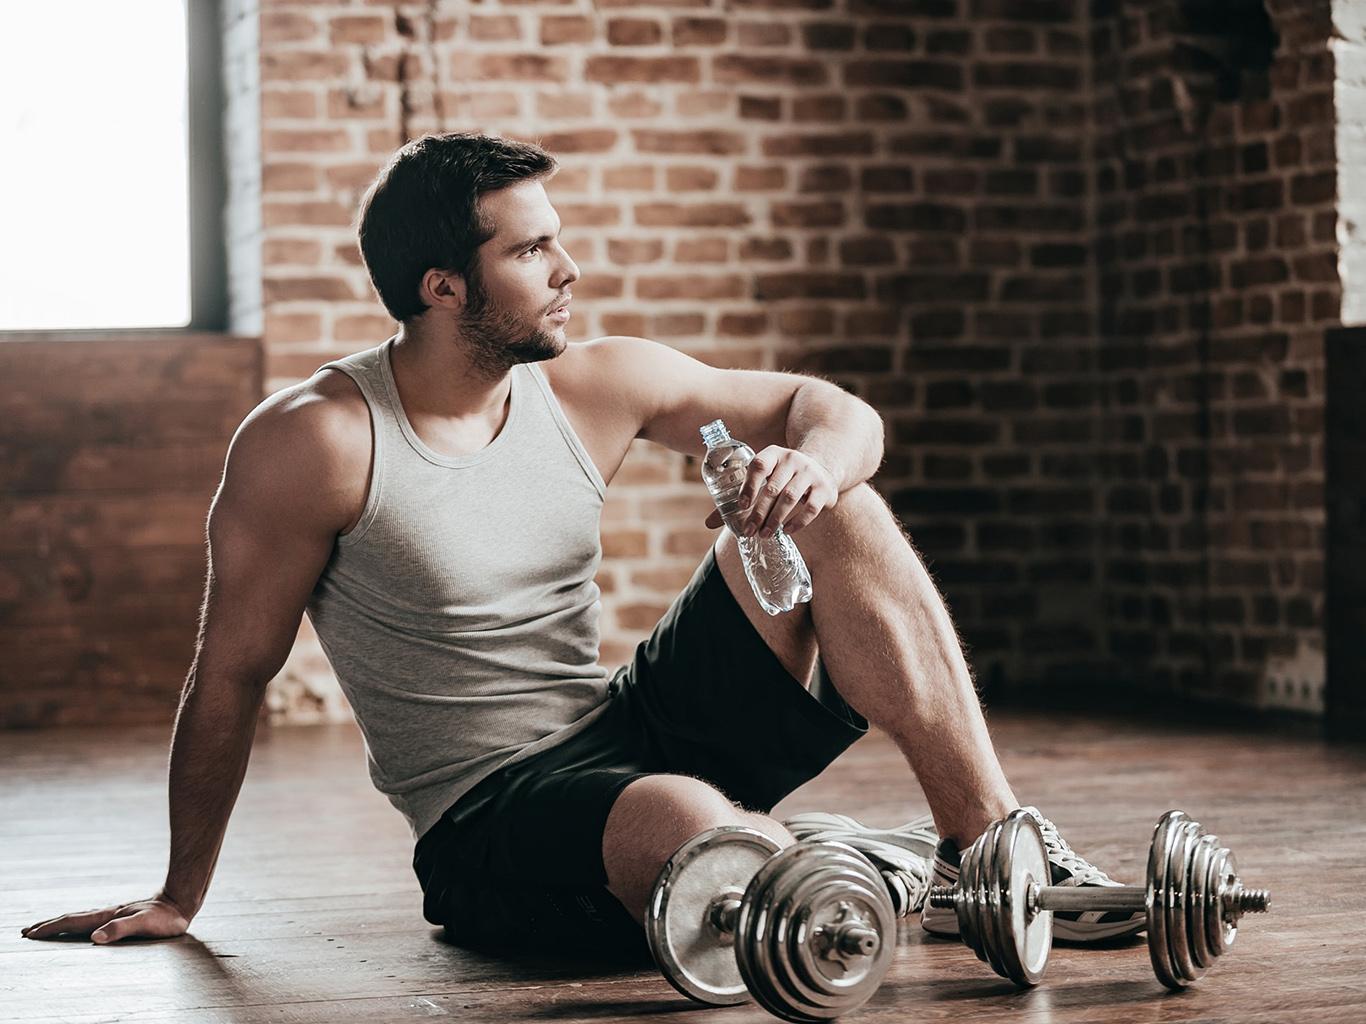 Должны ли болеть мышцы после тренировки